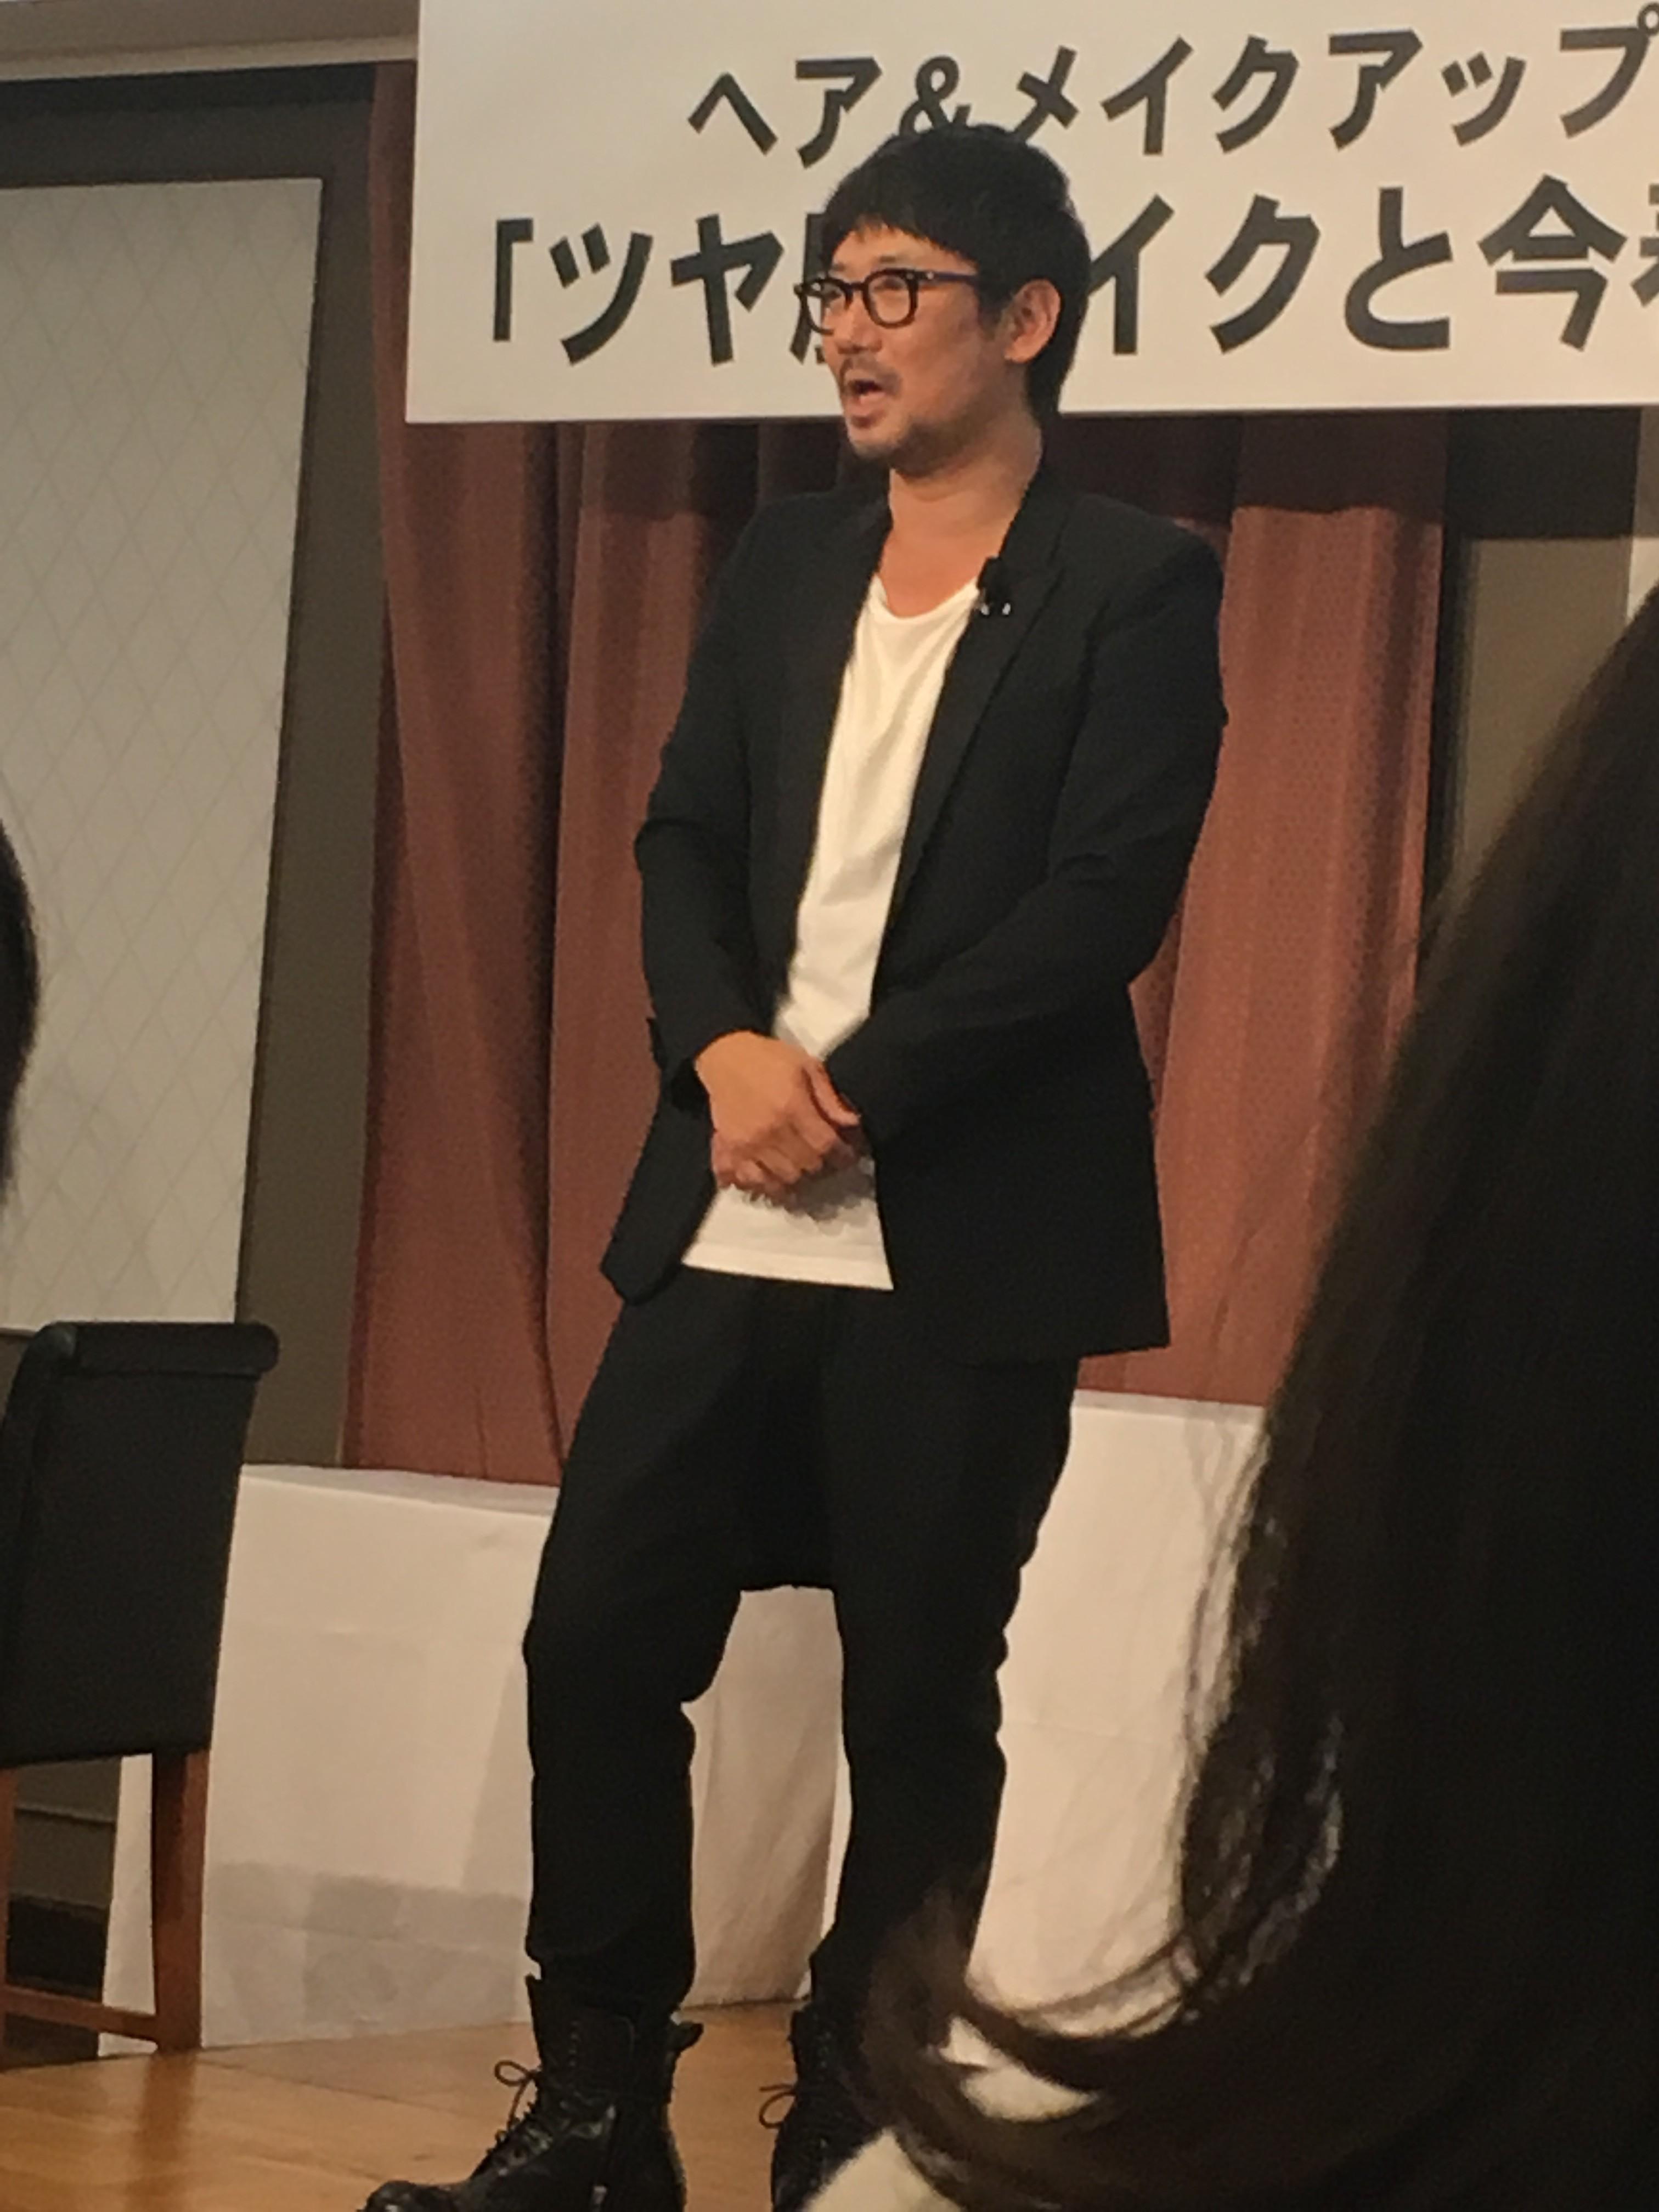 【シティリビングで当選♪】河北裕介さんの講演会へ行ってきました!